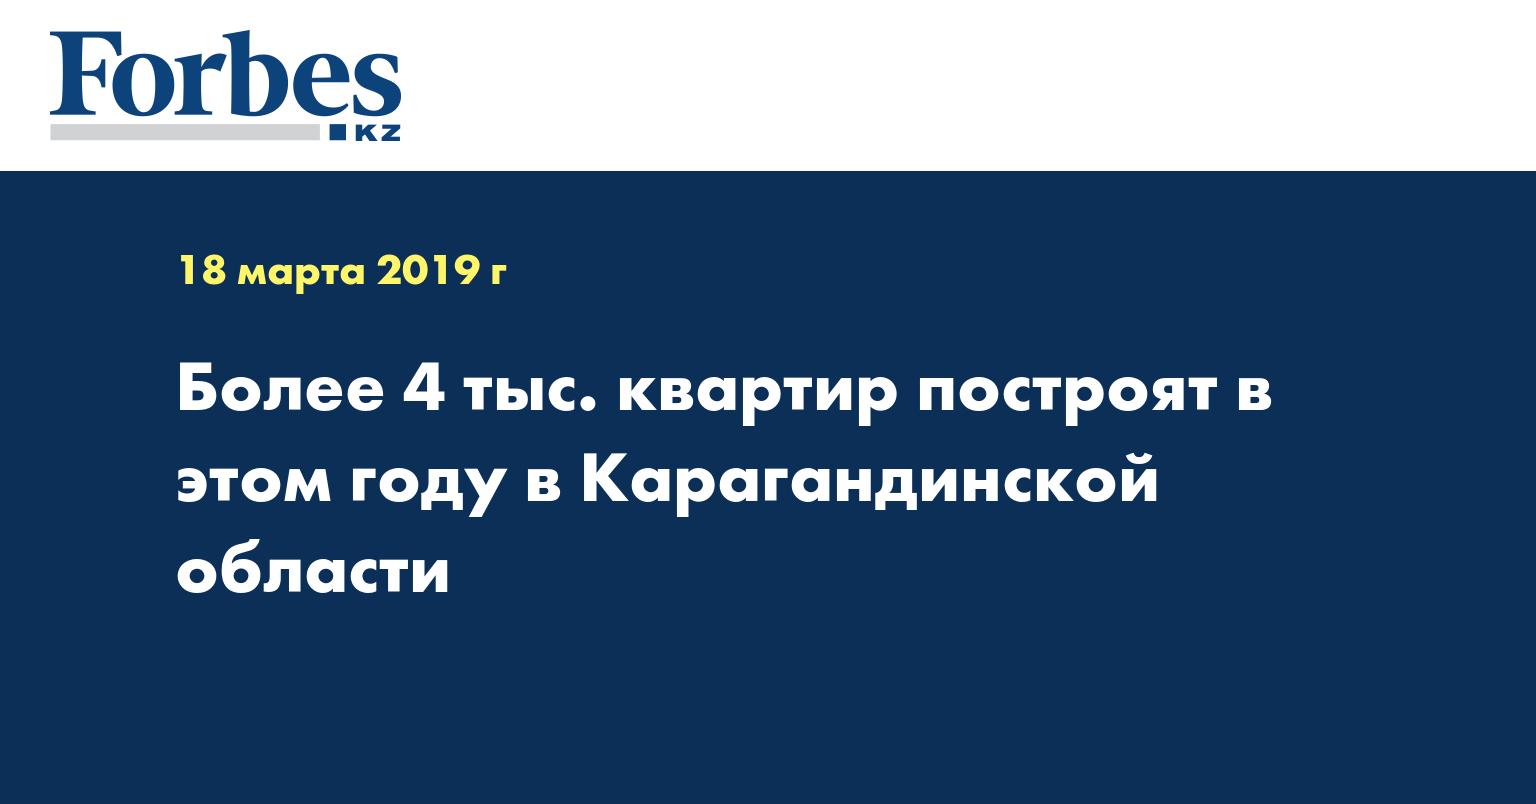 Более 4 тыс. квартир построят в этом году в Карагандинской области